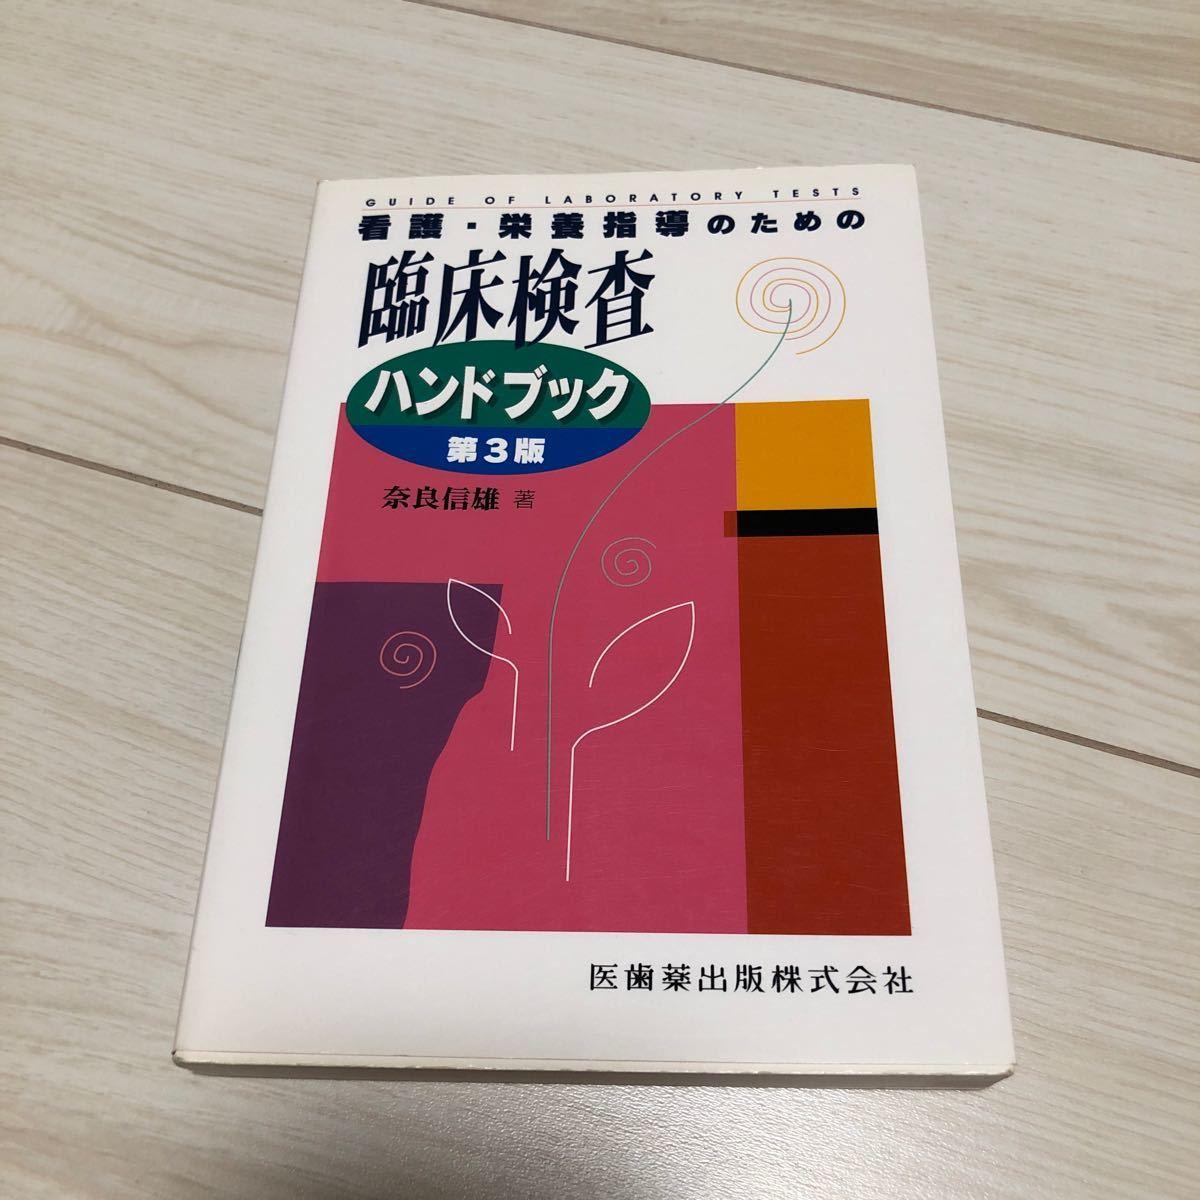 看護・栄養指導のための臨床検査ハンドブック 【第3版】奈良信雄